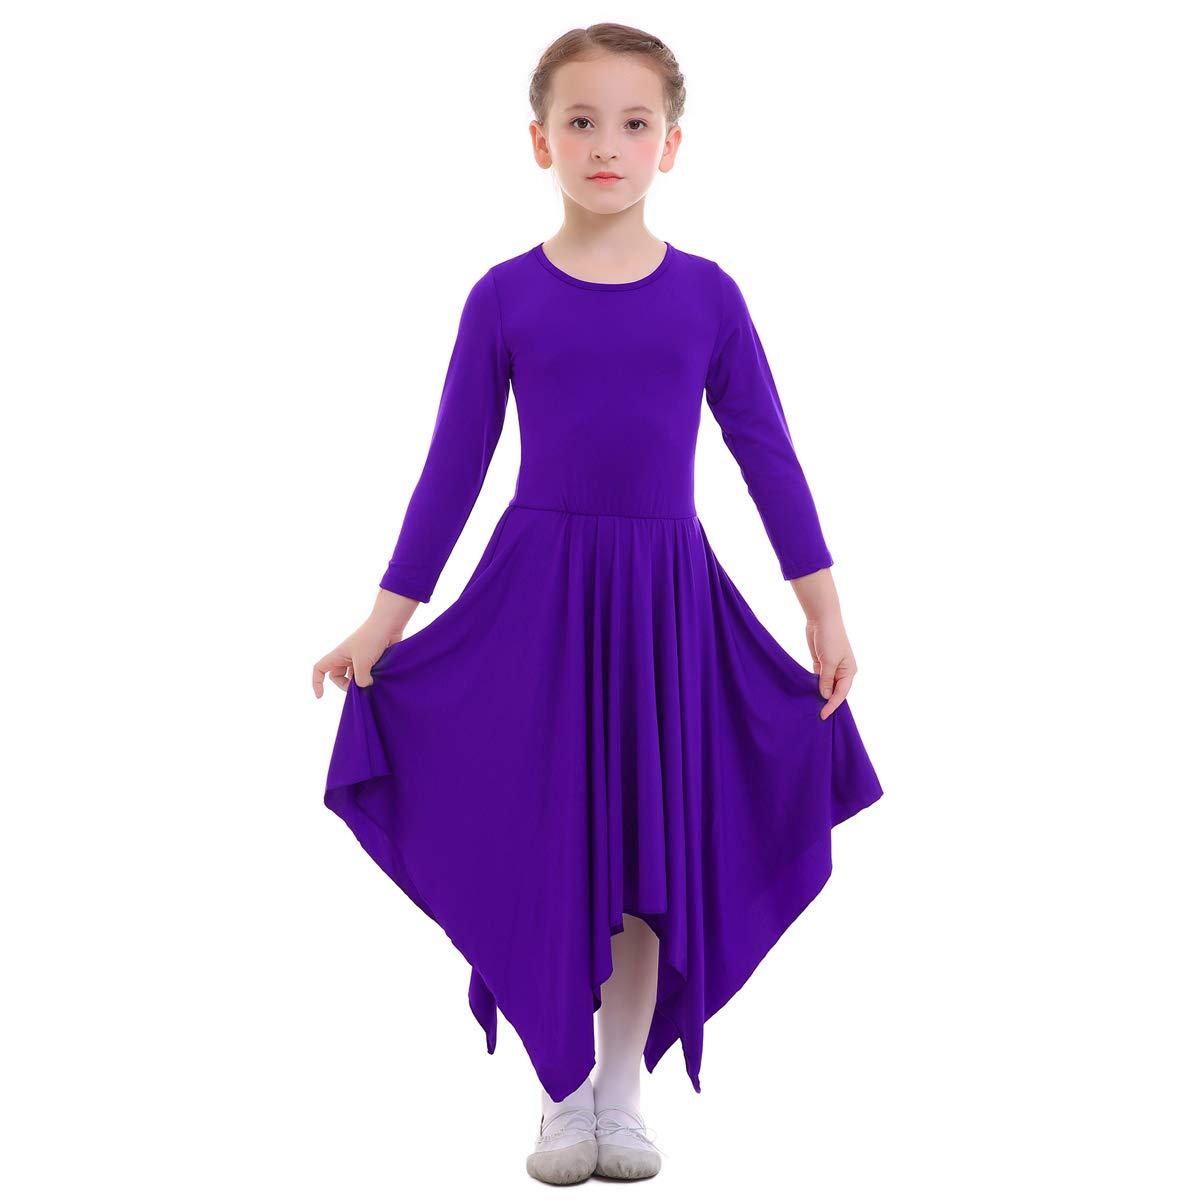 OBEEII Vestito Bambine Liturgico Manica Lunga Asimmetrico Abito da Balletto Ginnastica Classico Danza Combinazione Costume 3-14 Anni